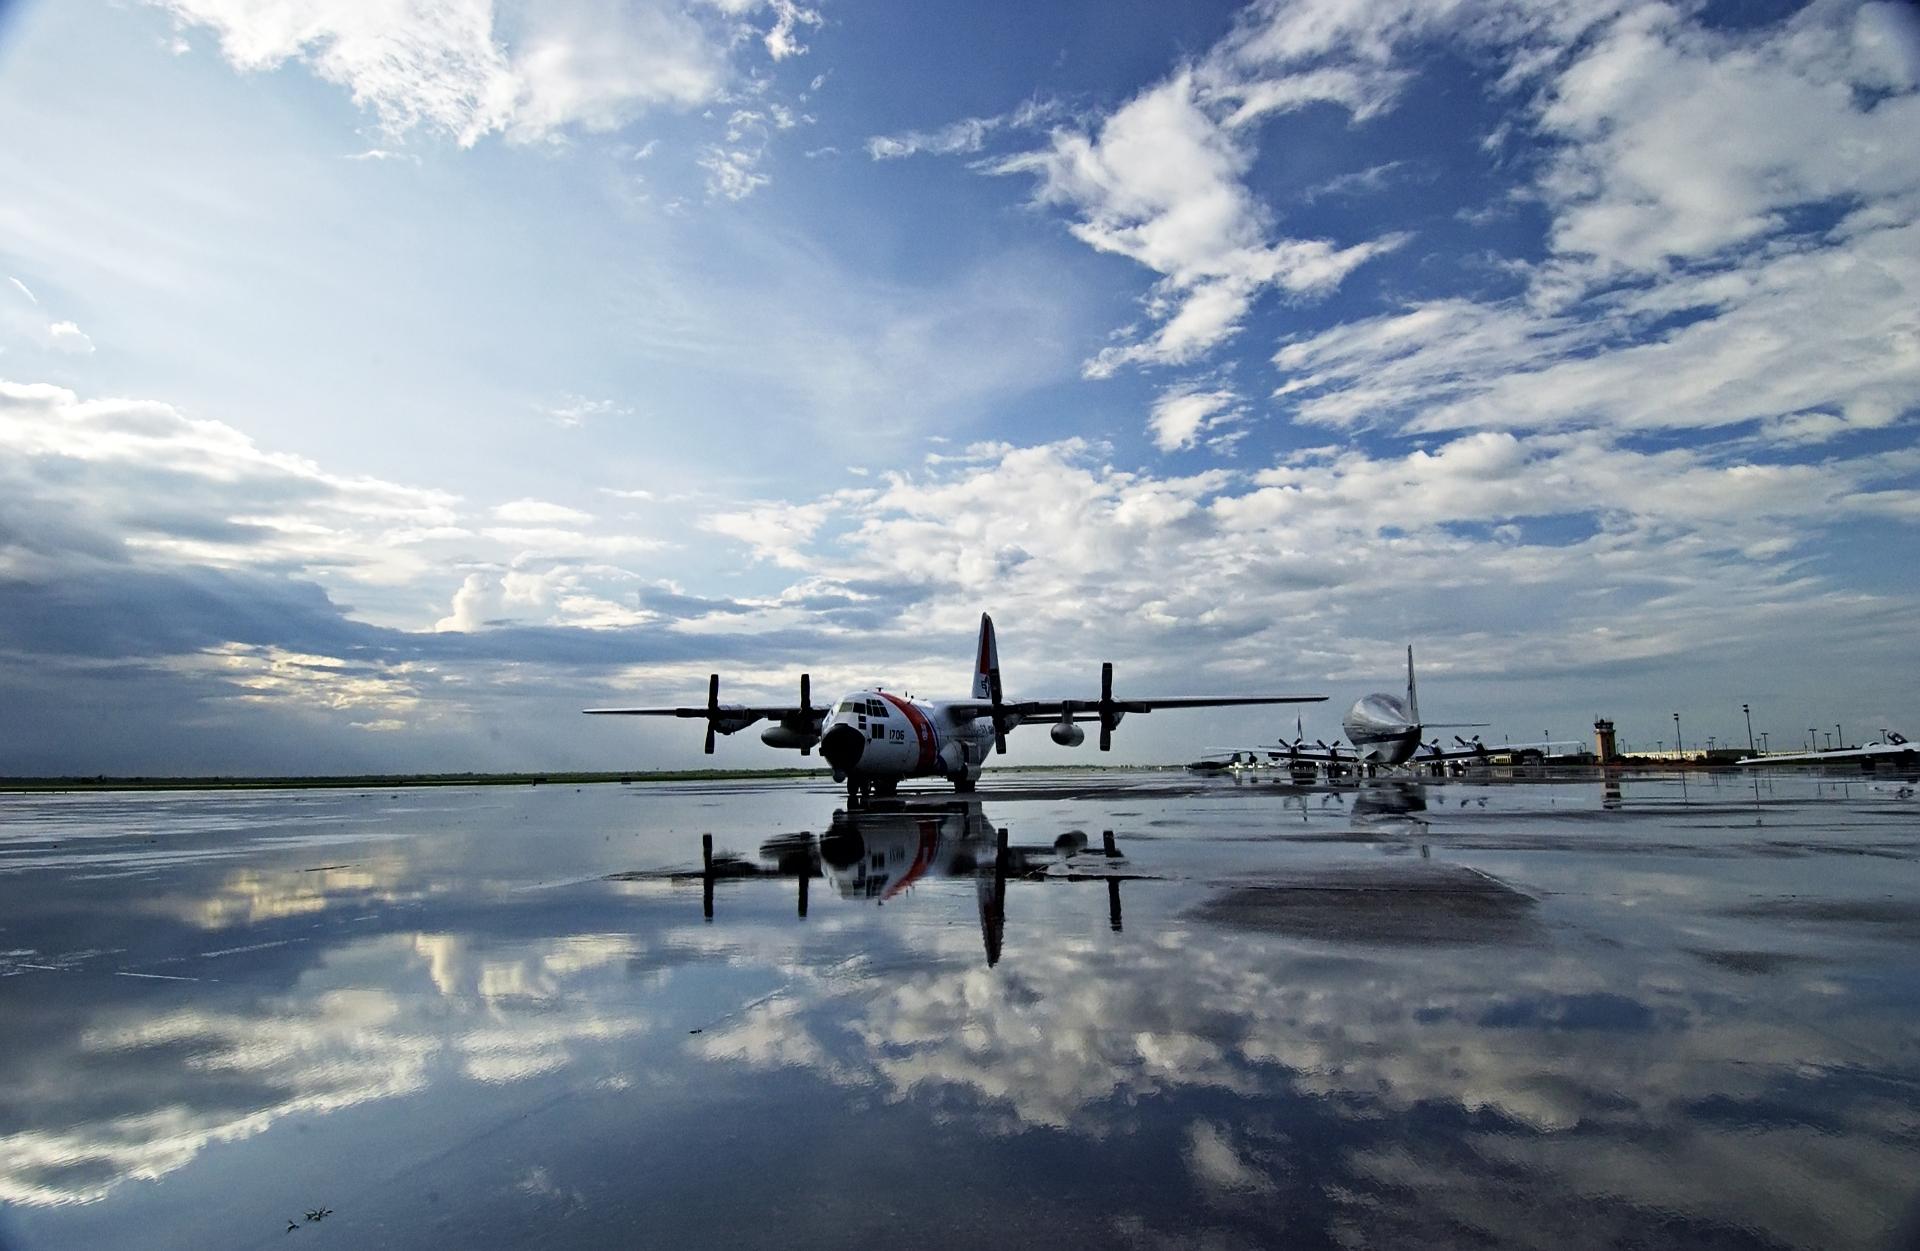 лучшие авиационные фото тоже